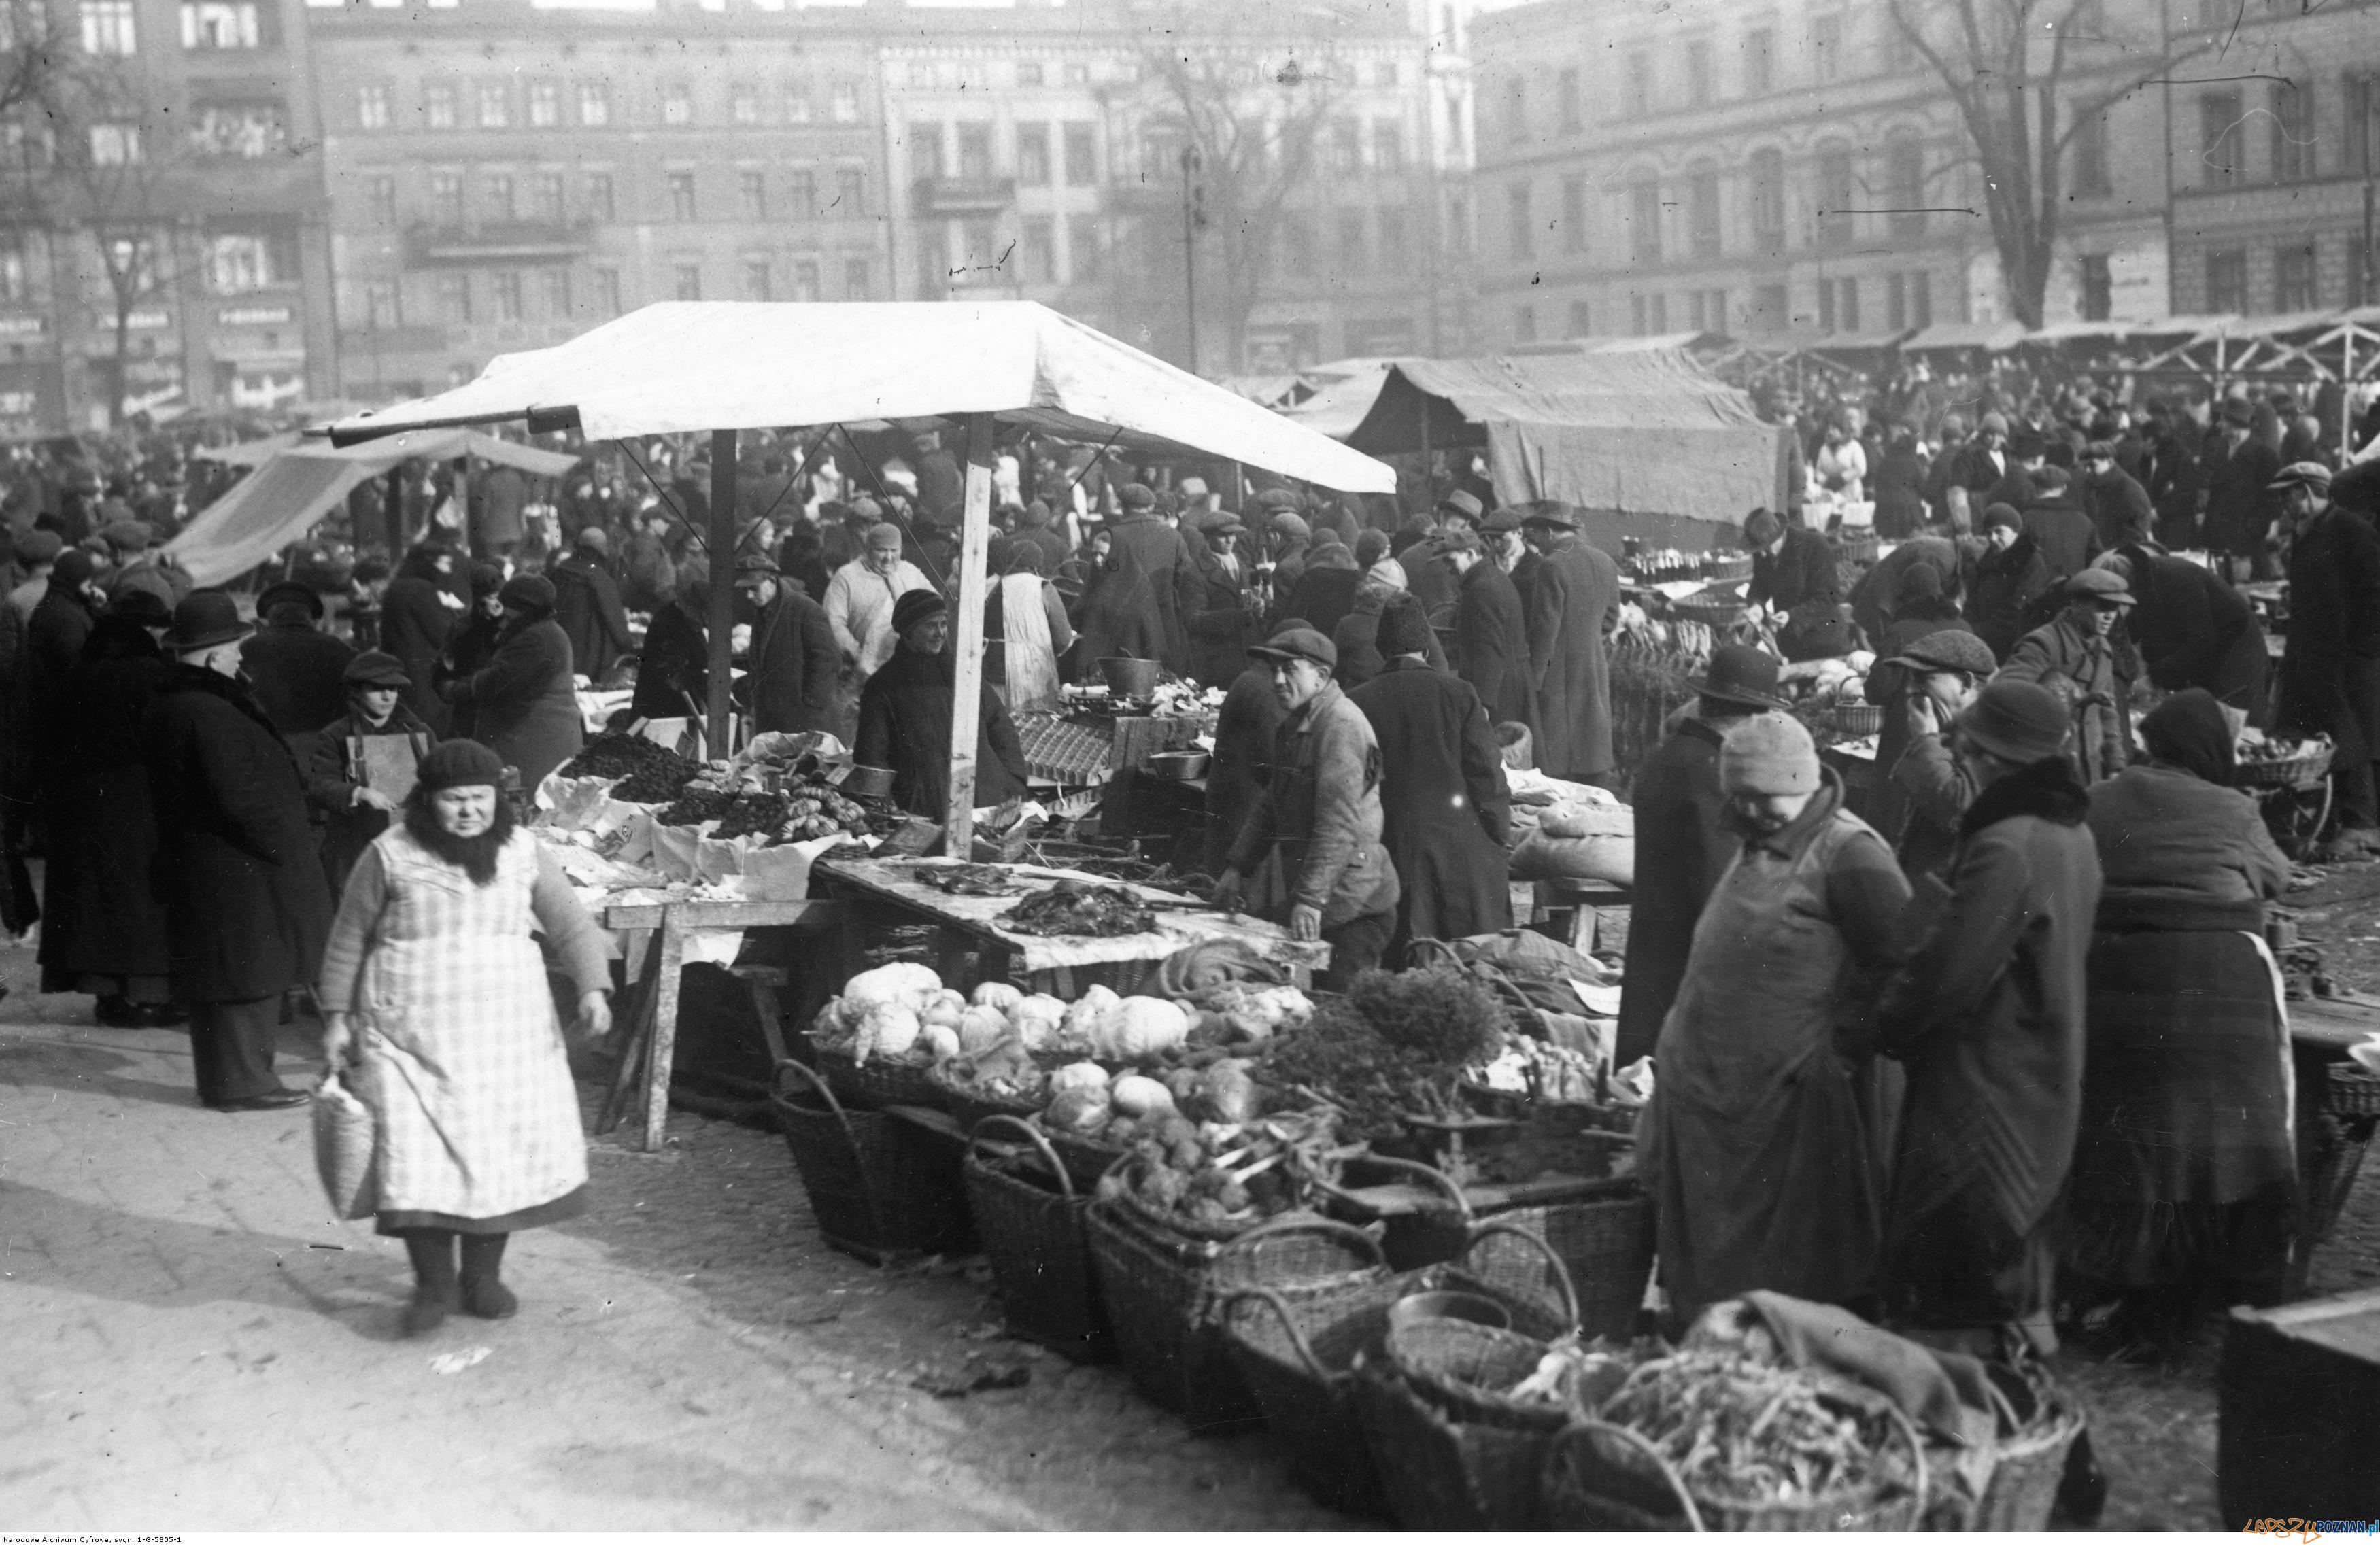 Plac Wielkopolski -  Sapiezynski luty 1934  Foto: NAC / IKC